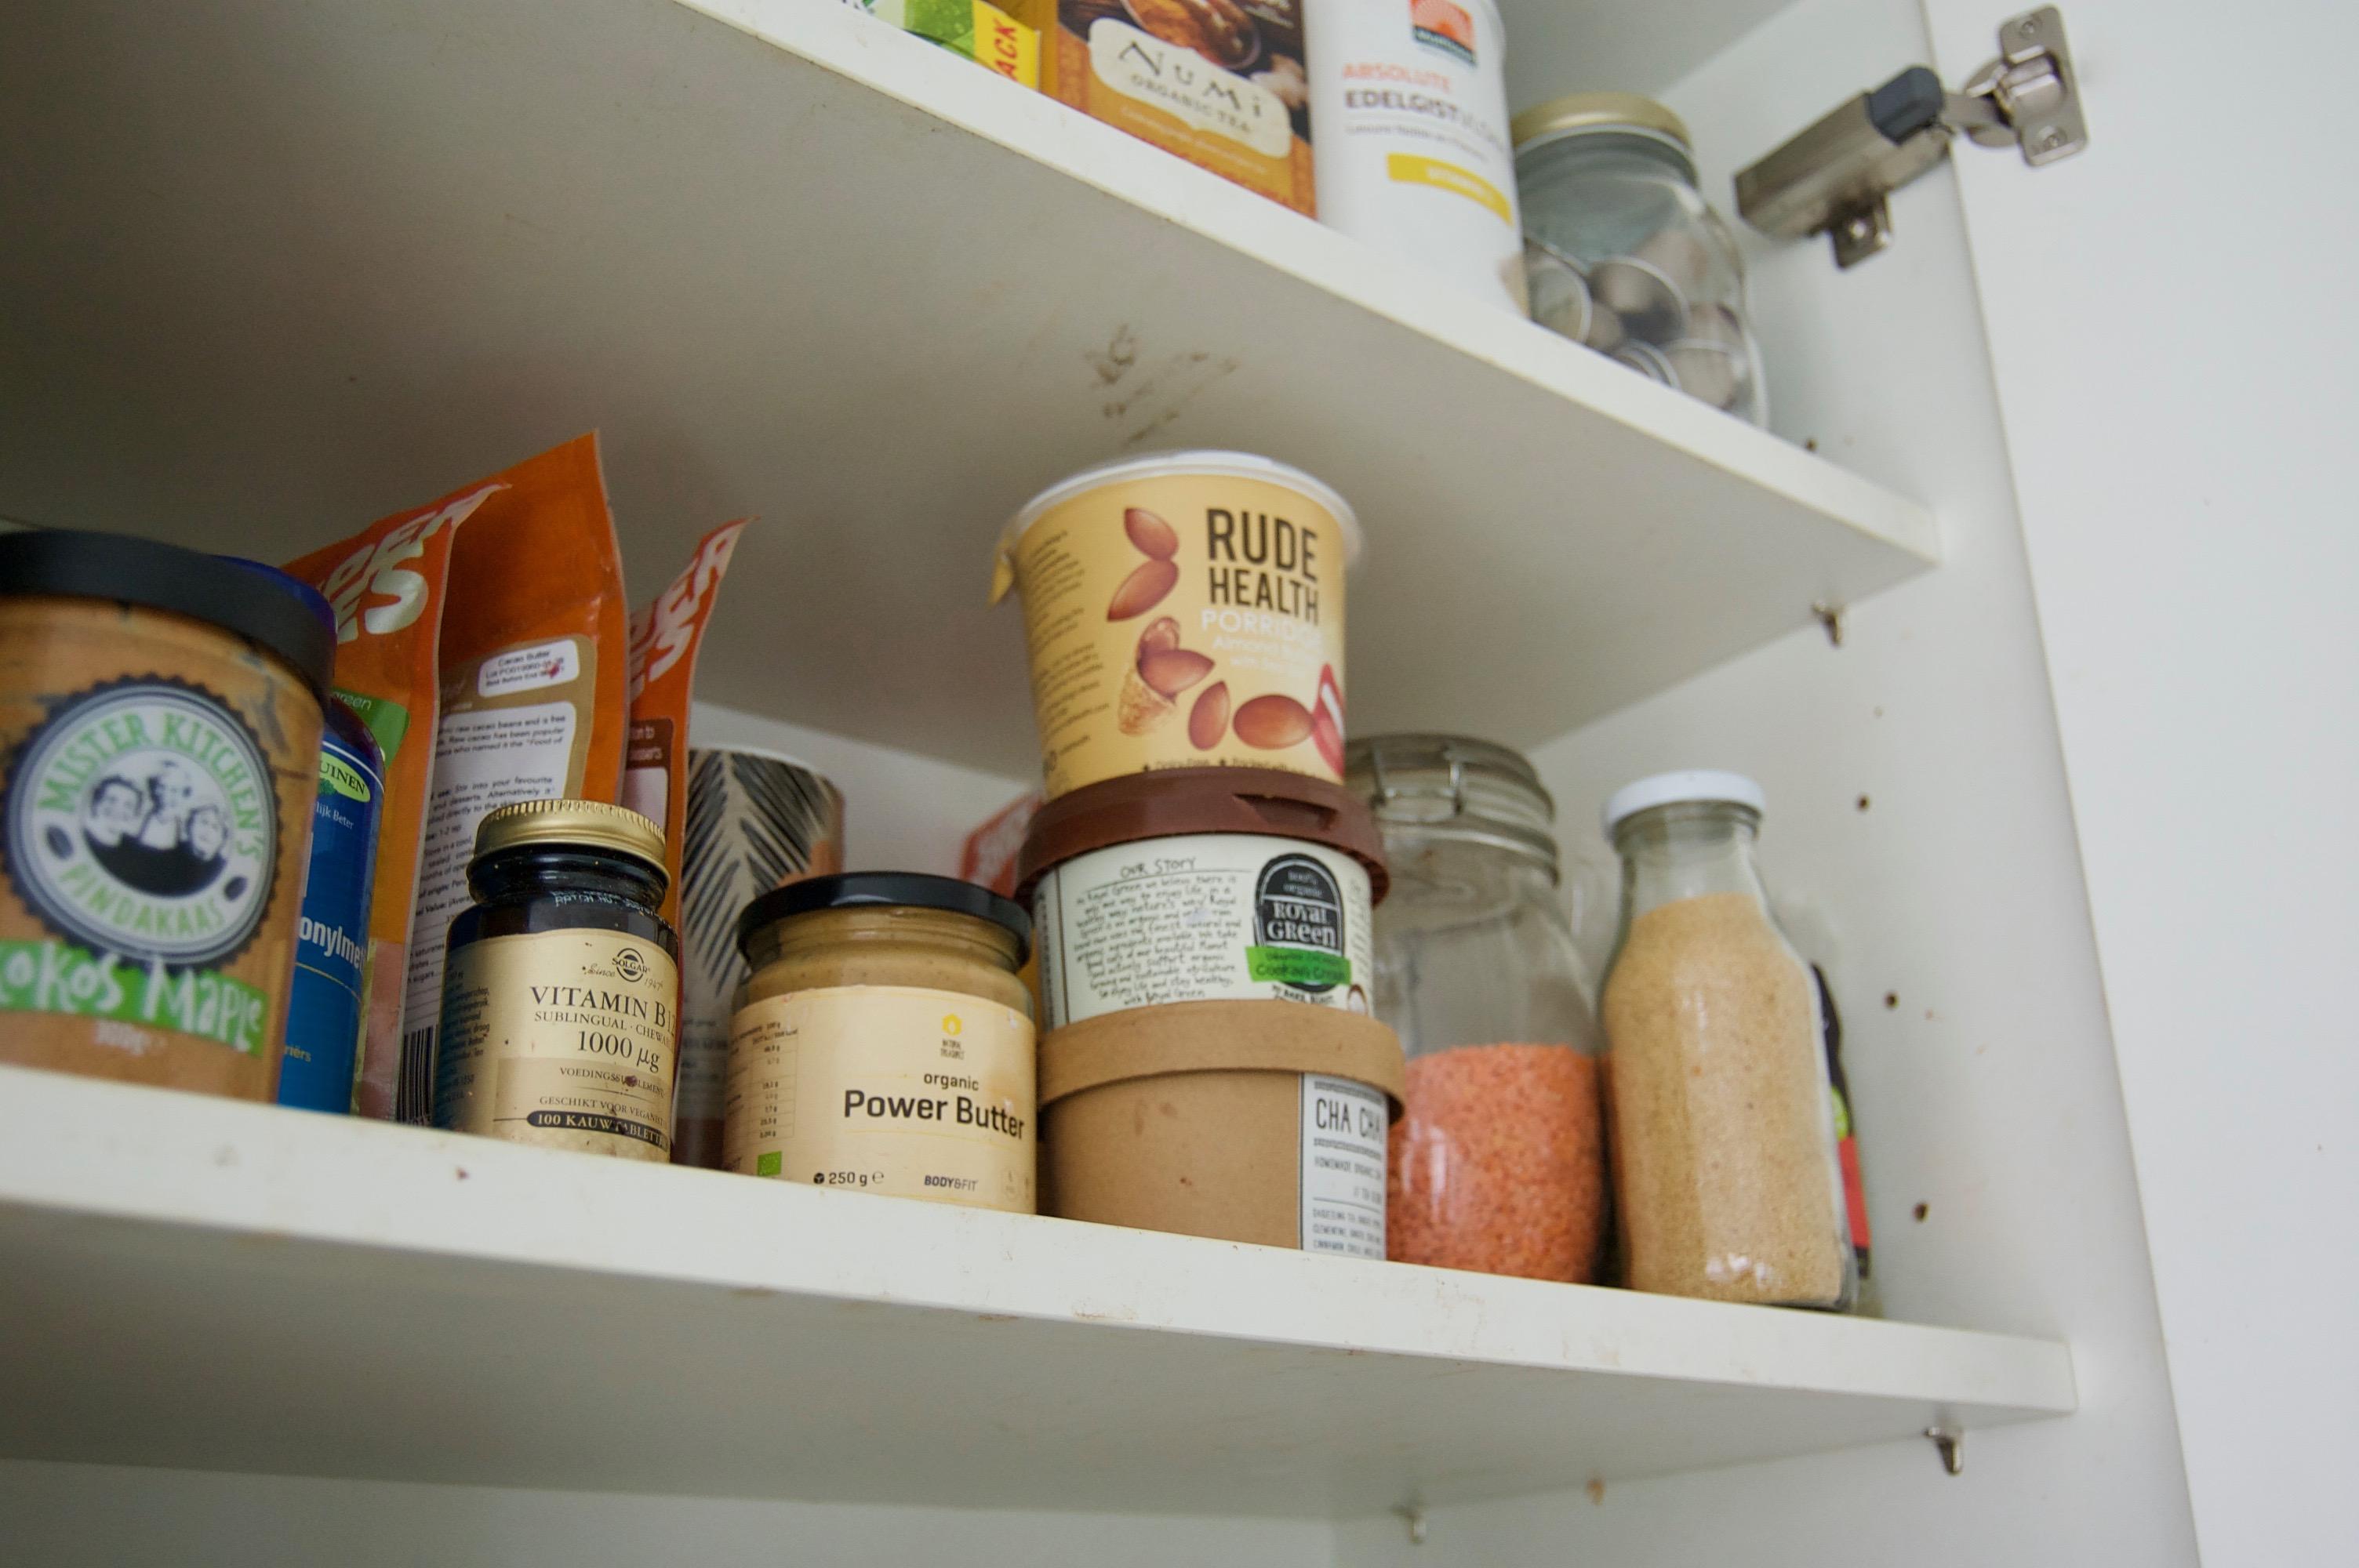 een kijkje in de keuken van lisa goes vegan5